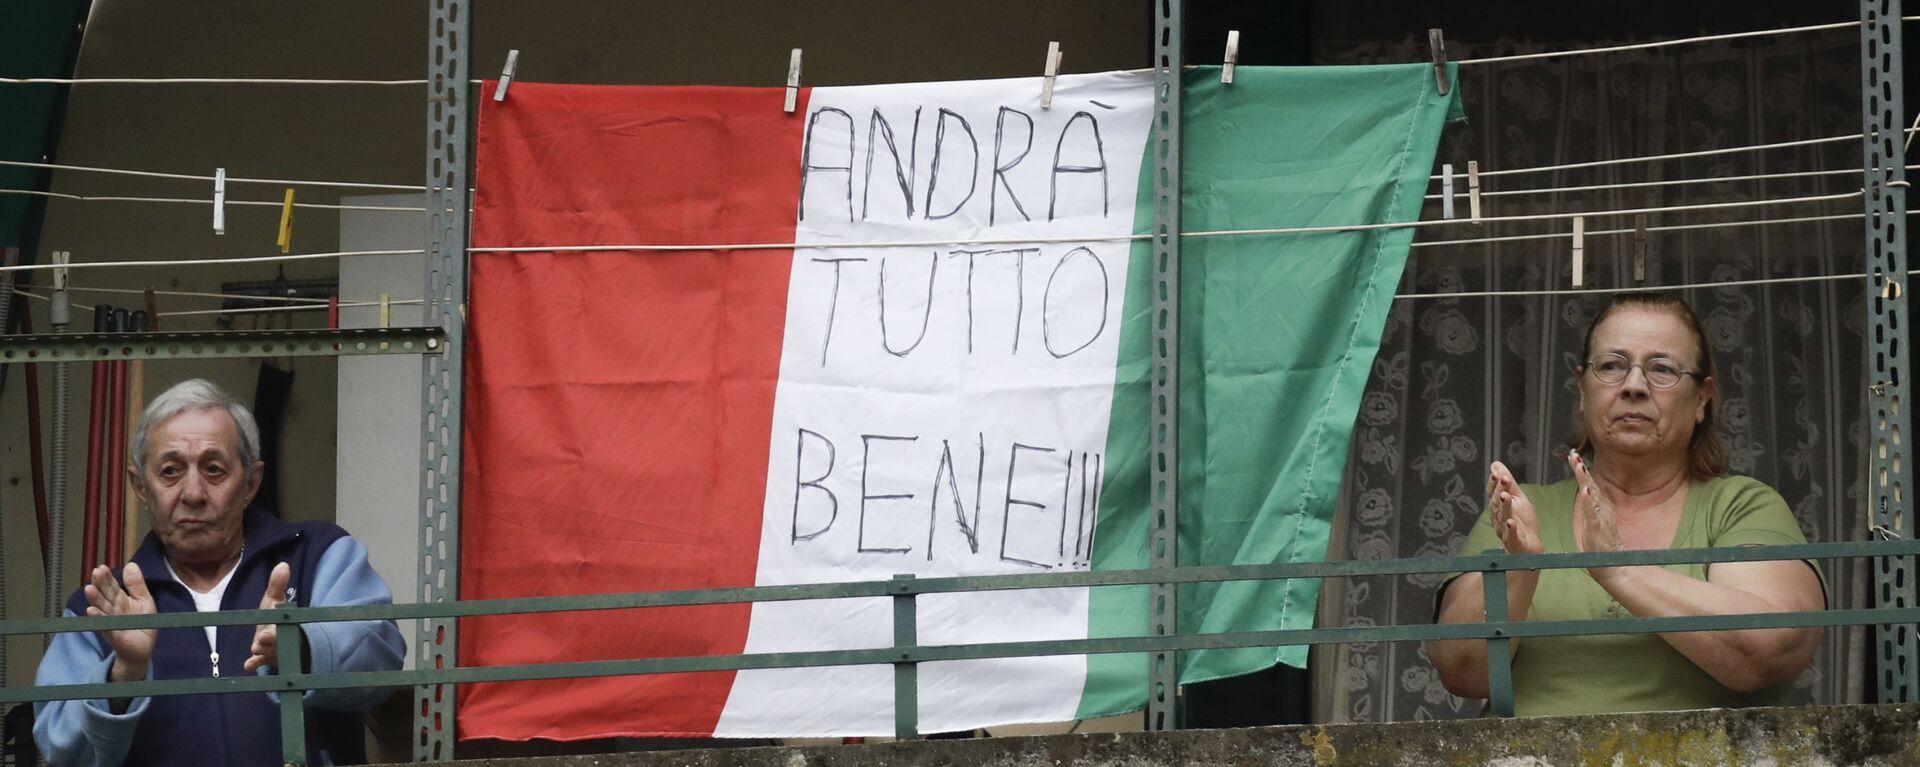 Coppia di anziani sul balcone con la bandiera dell'Italia con la scritta Andrà tutto bene a Roma - Sputnik Italia, 1920, 23.12.2020